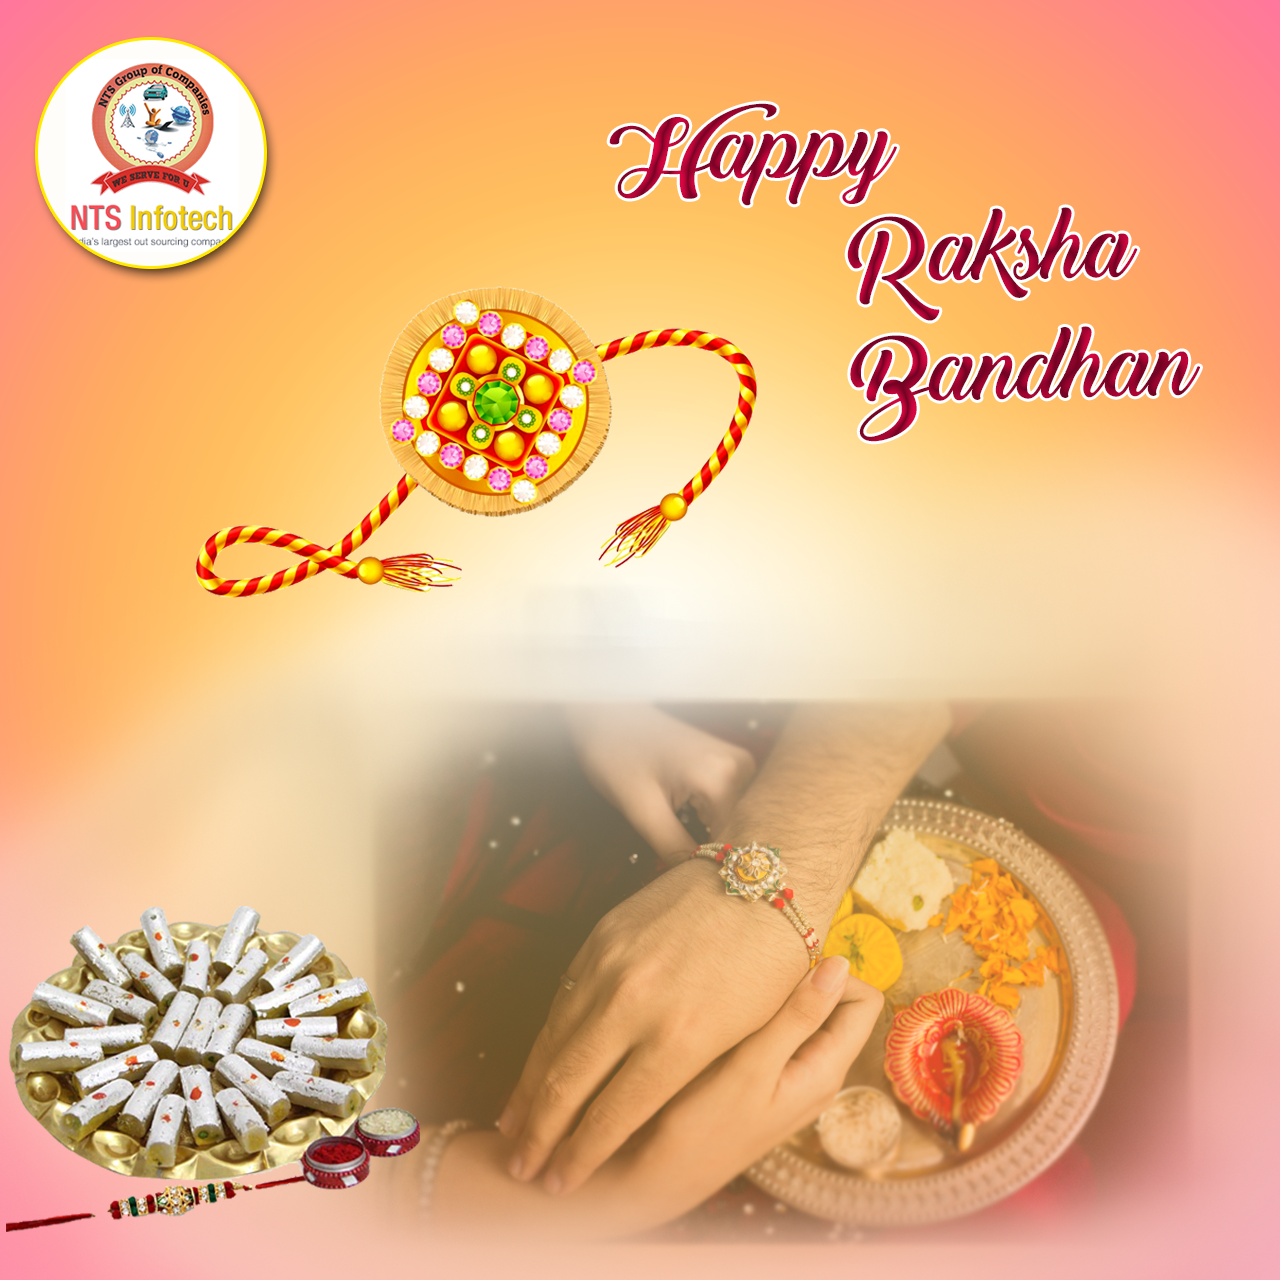 This Raksha Bandhan We Pray To God That Our Bond Of Love Continue To Grow Stronger With Each Passing Year We Happy Rakshabandhan Raksha Bandhan Praying To God